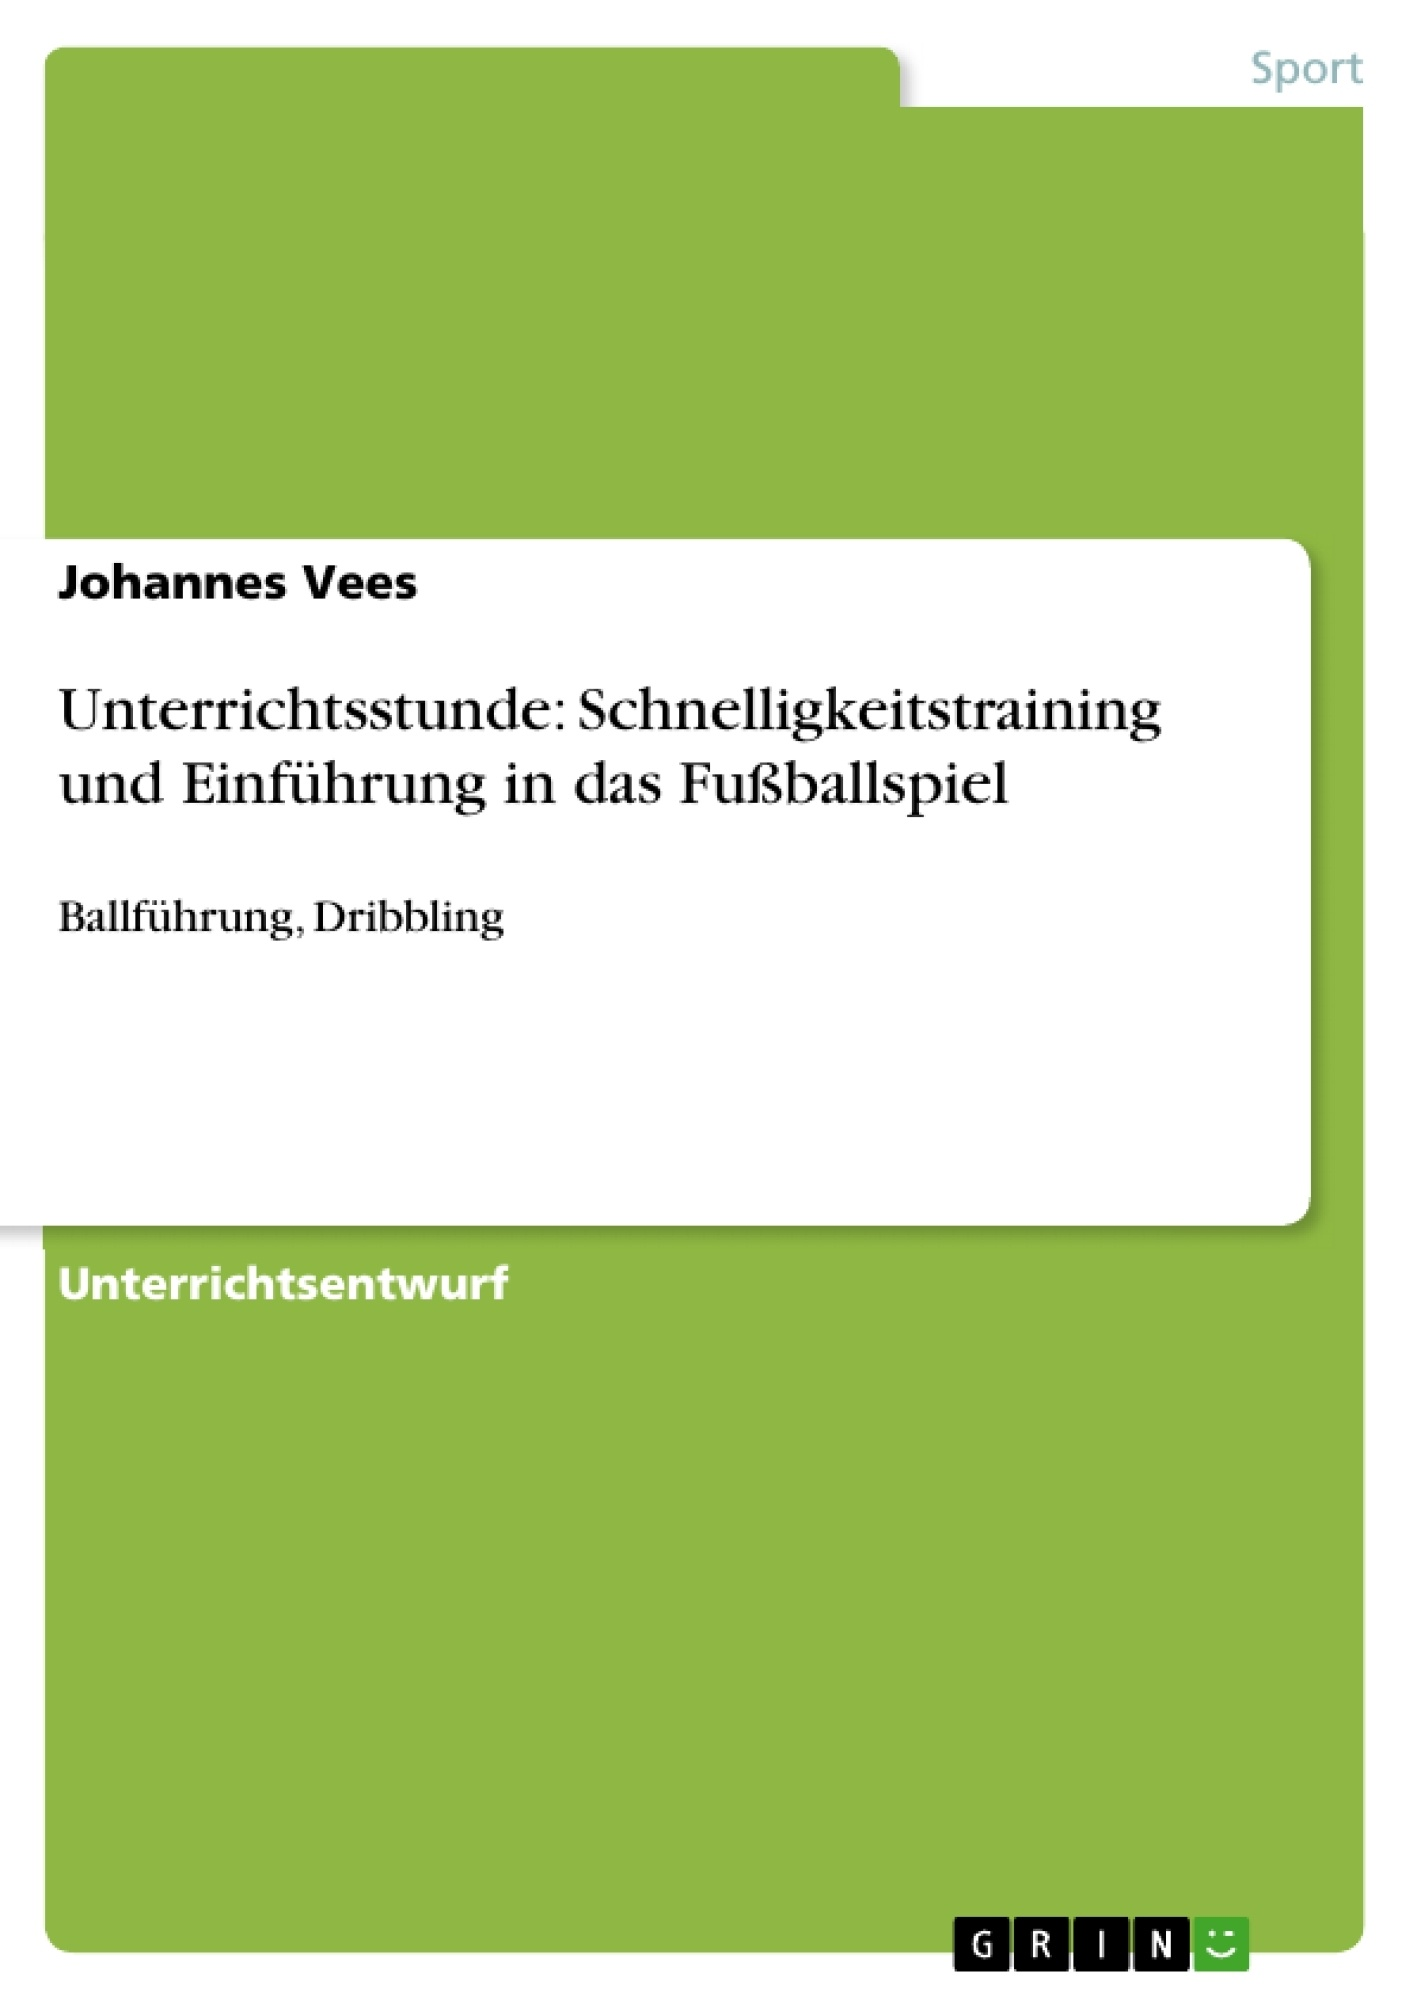 Titel: Unterrichtsstunde: Schnelligkeitstraining und Einführung in das Fußballspiel